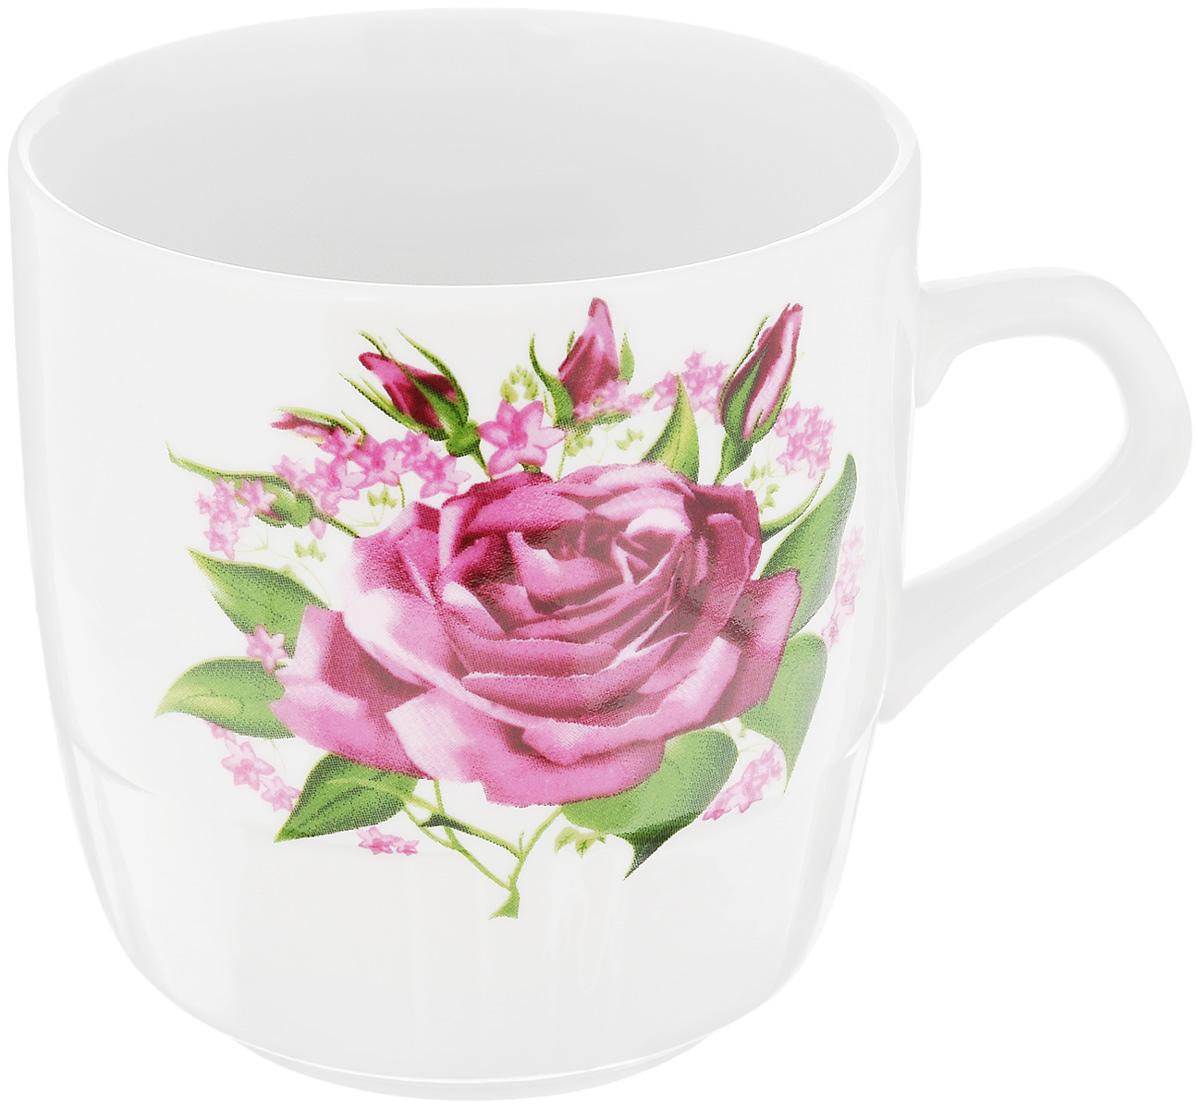 Кружка Фарфор Вербилок Розовые бутоны, 250 мл блюдо для яиц фарфор вербилок розовые герберы 26351660уп